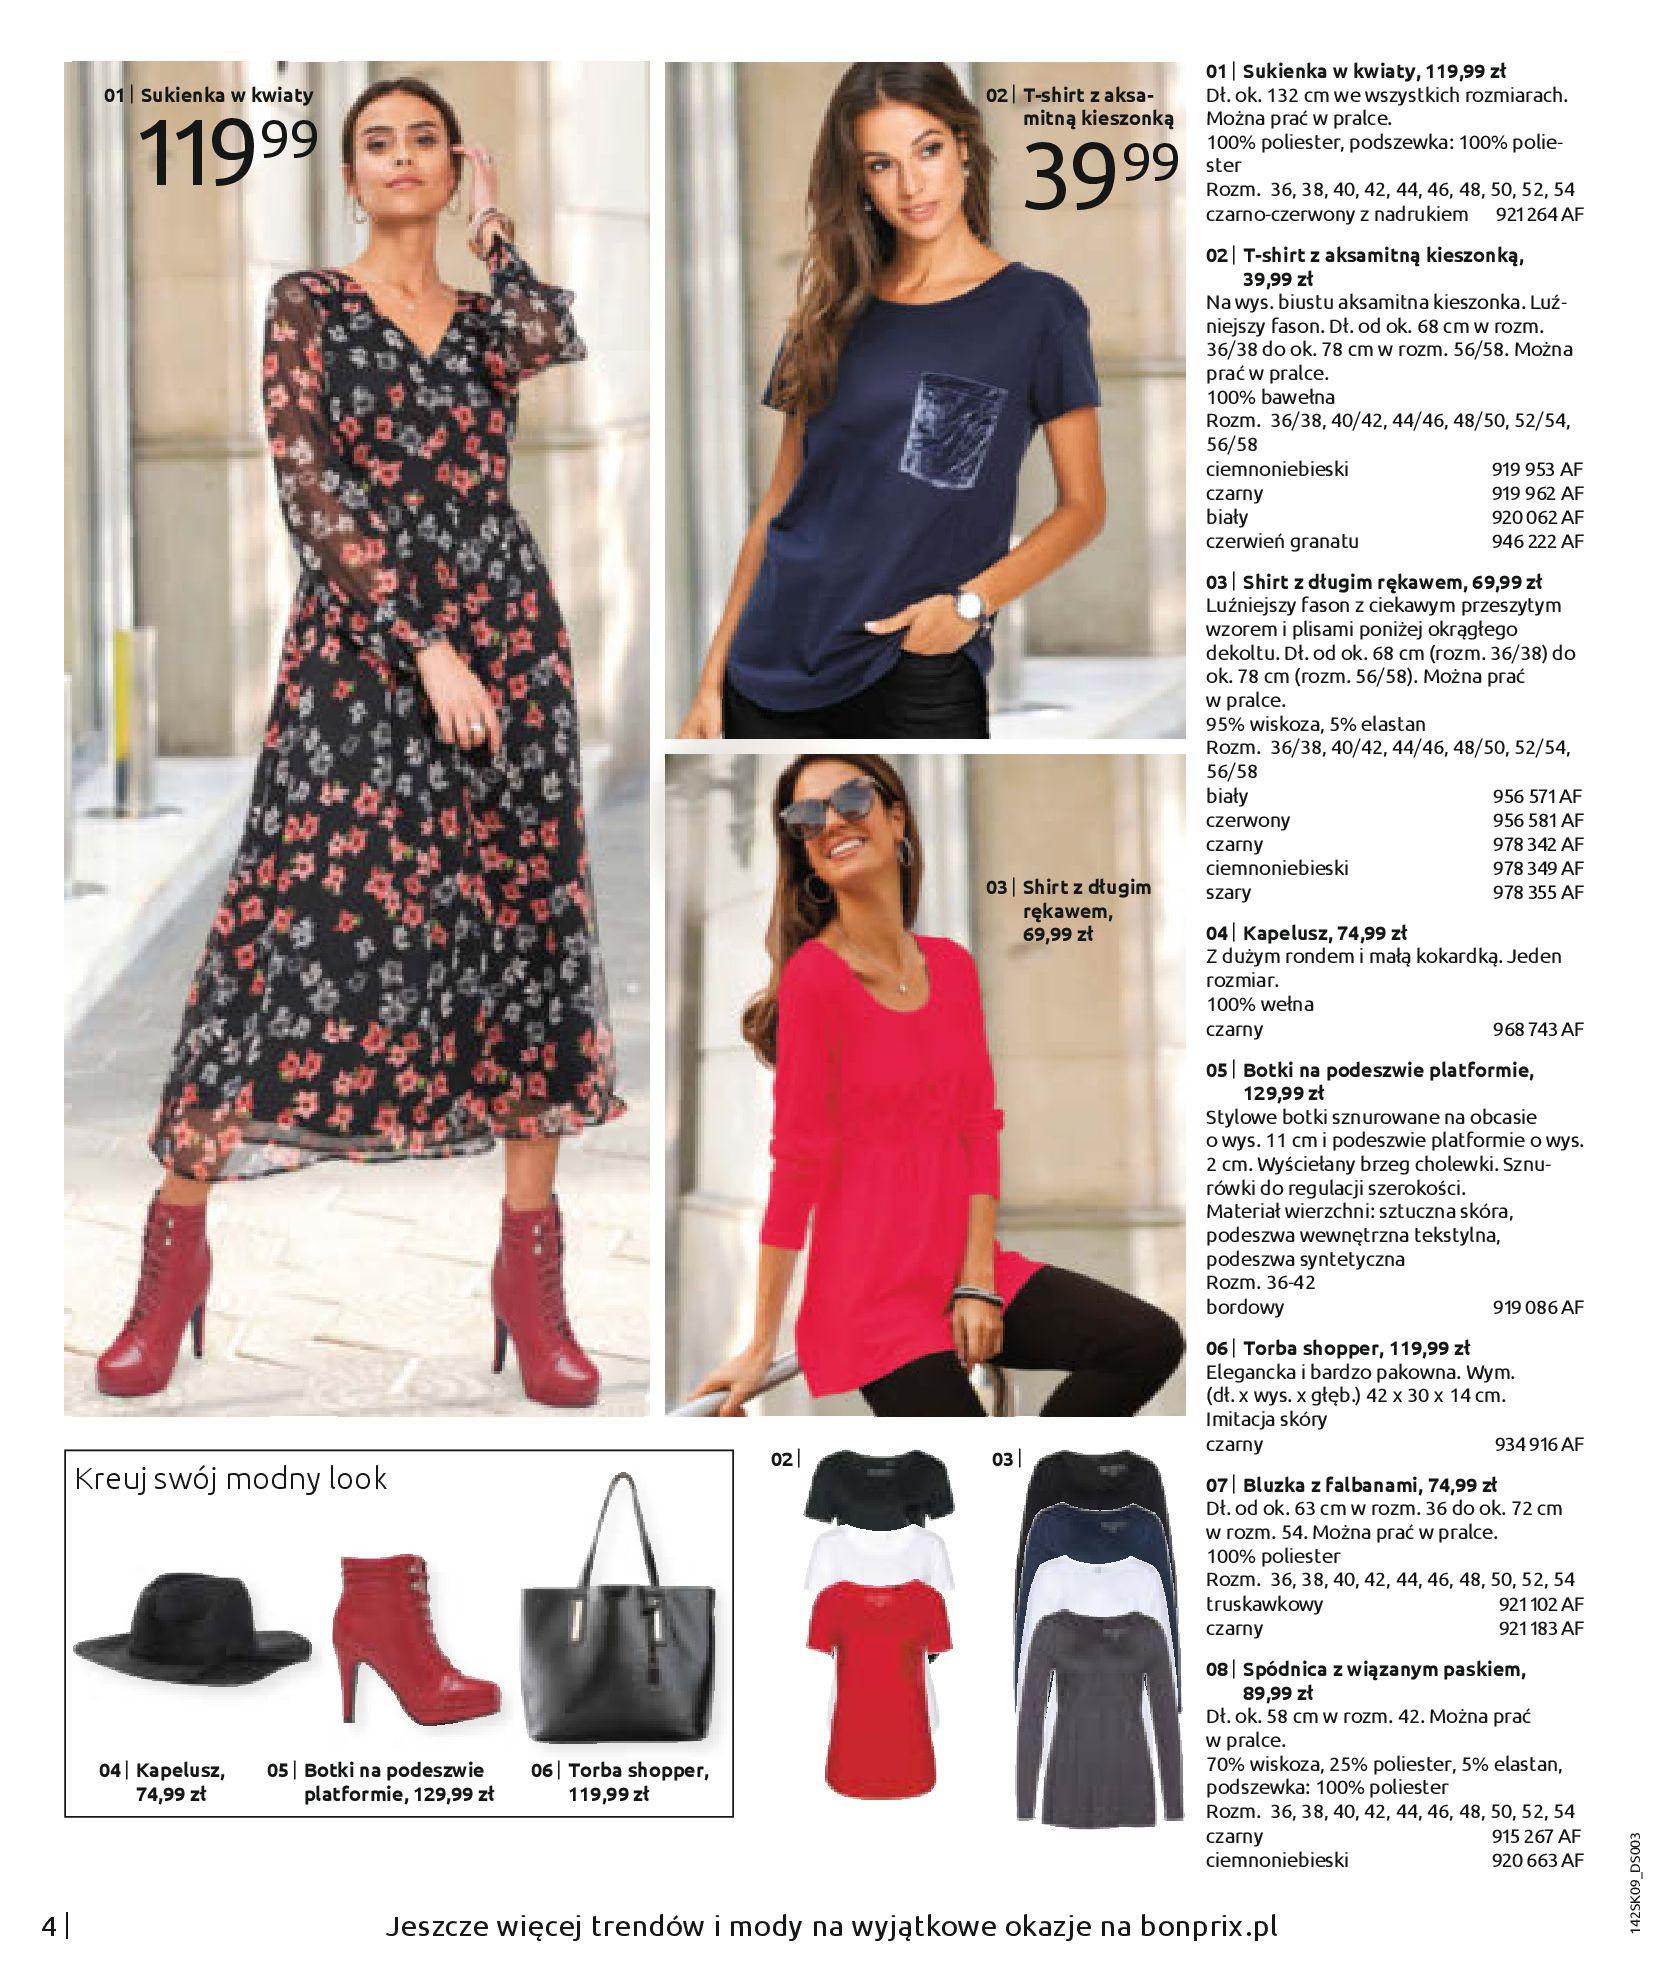 Gazetka Bonprix - Jesienny look-31.08.2020-28.02.2021-page-6